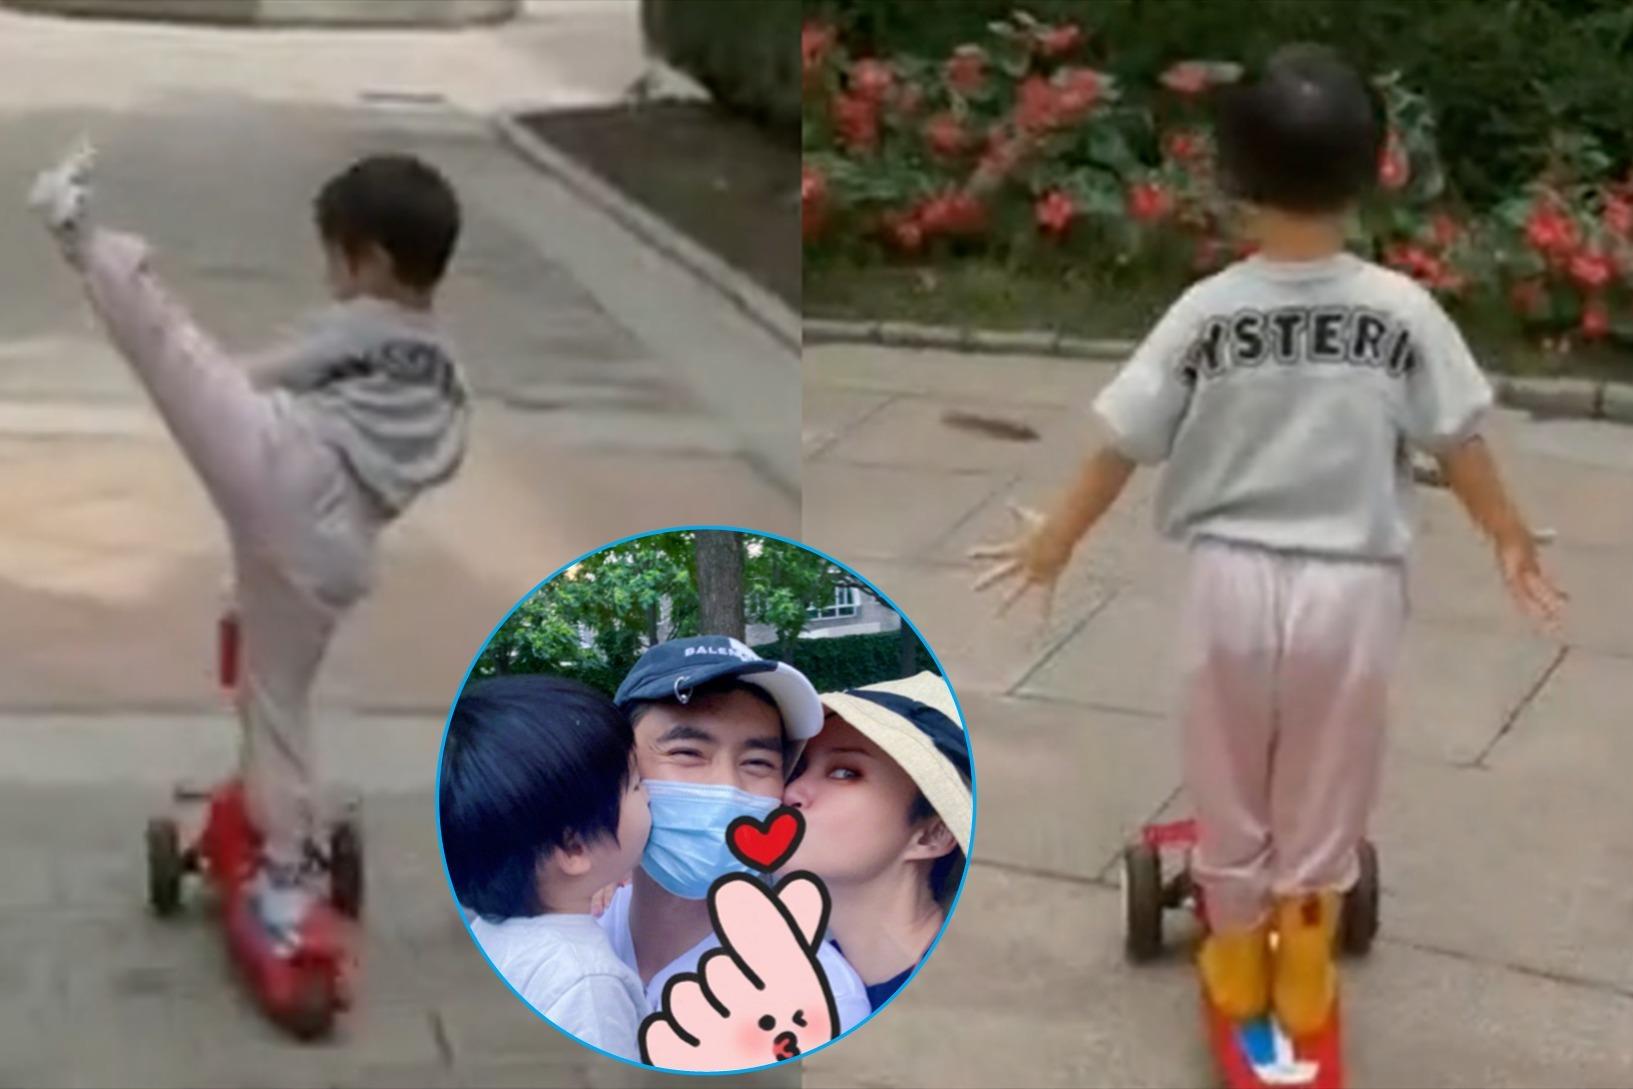 袁弘2岁儿子玩滑板车,滑行中做朝天蹬、松双手,花式耍帅胆超肥